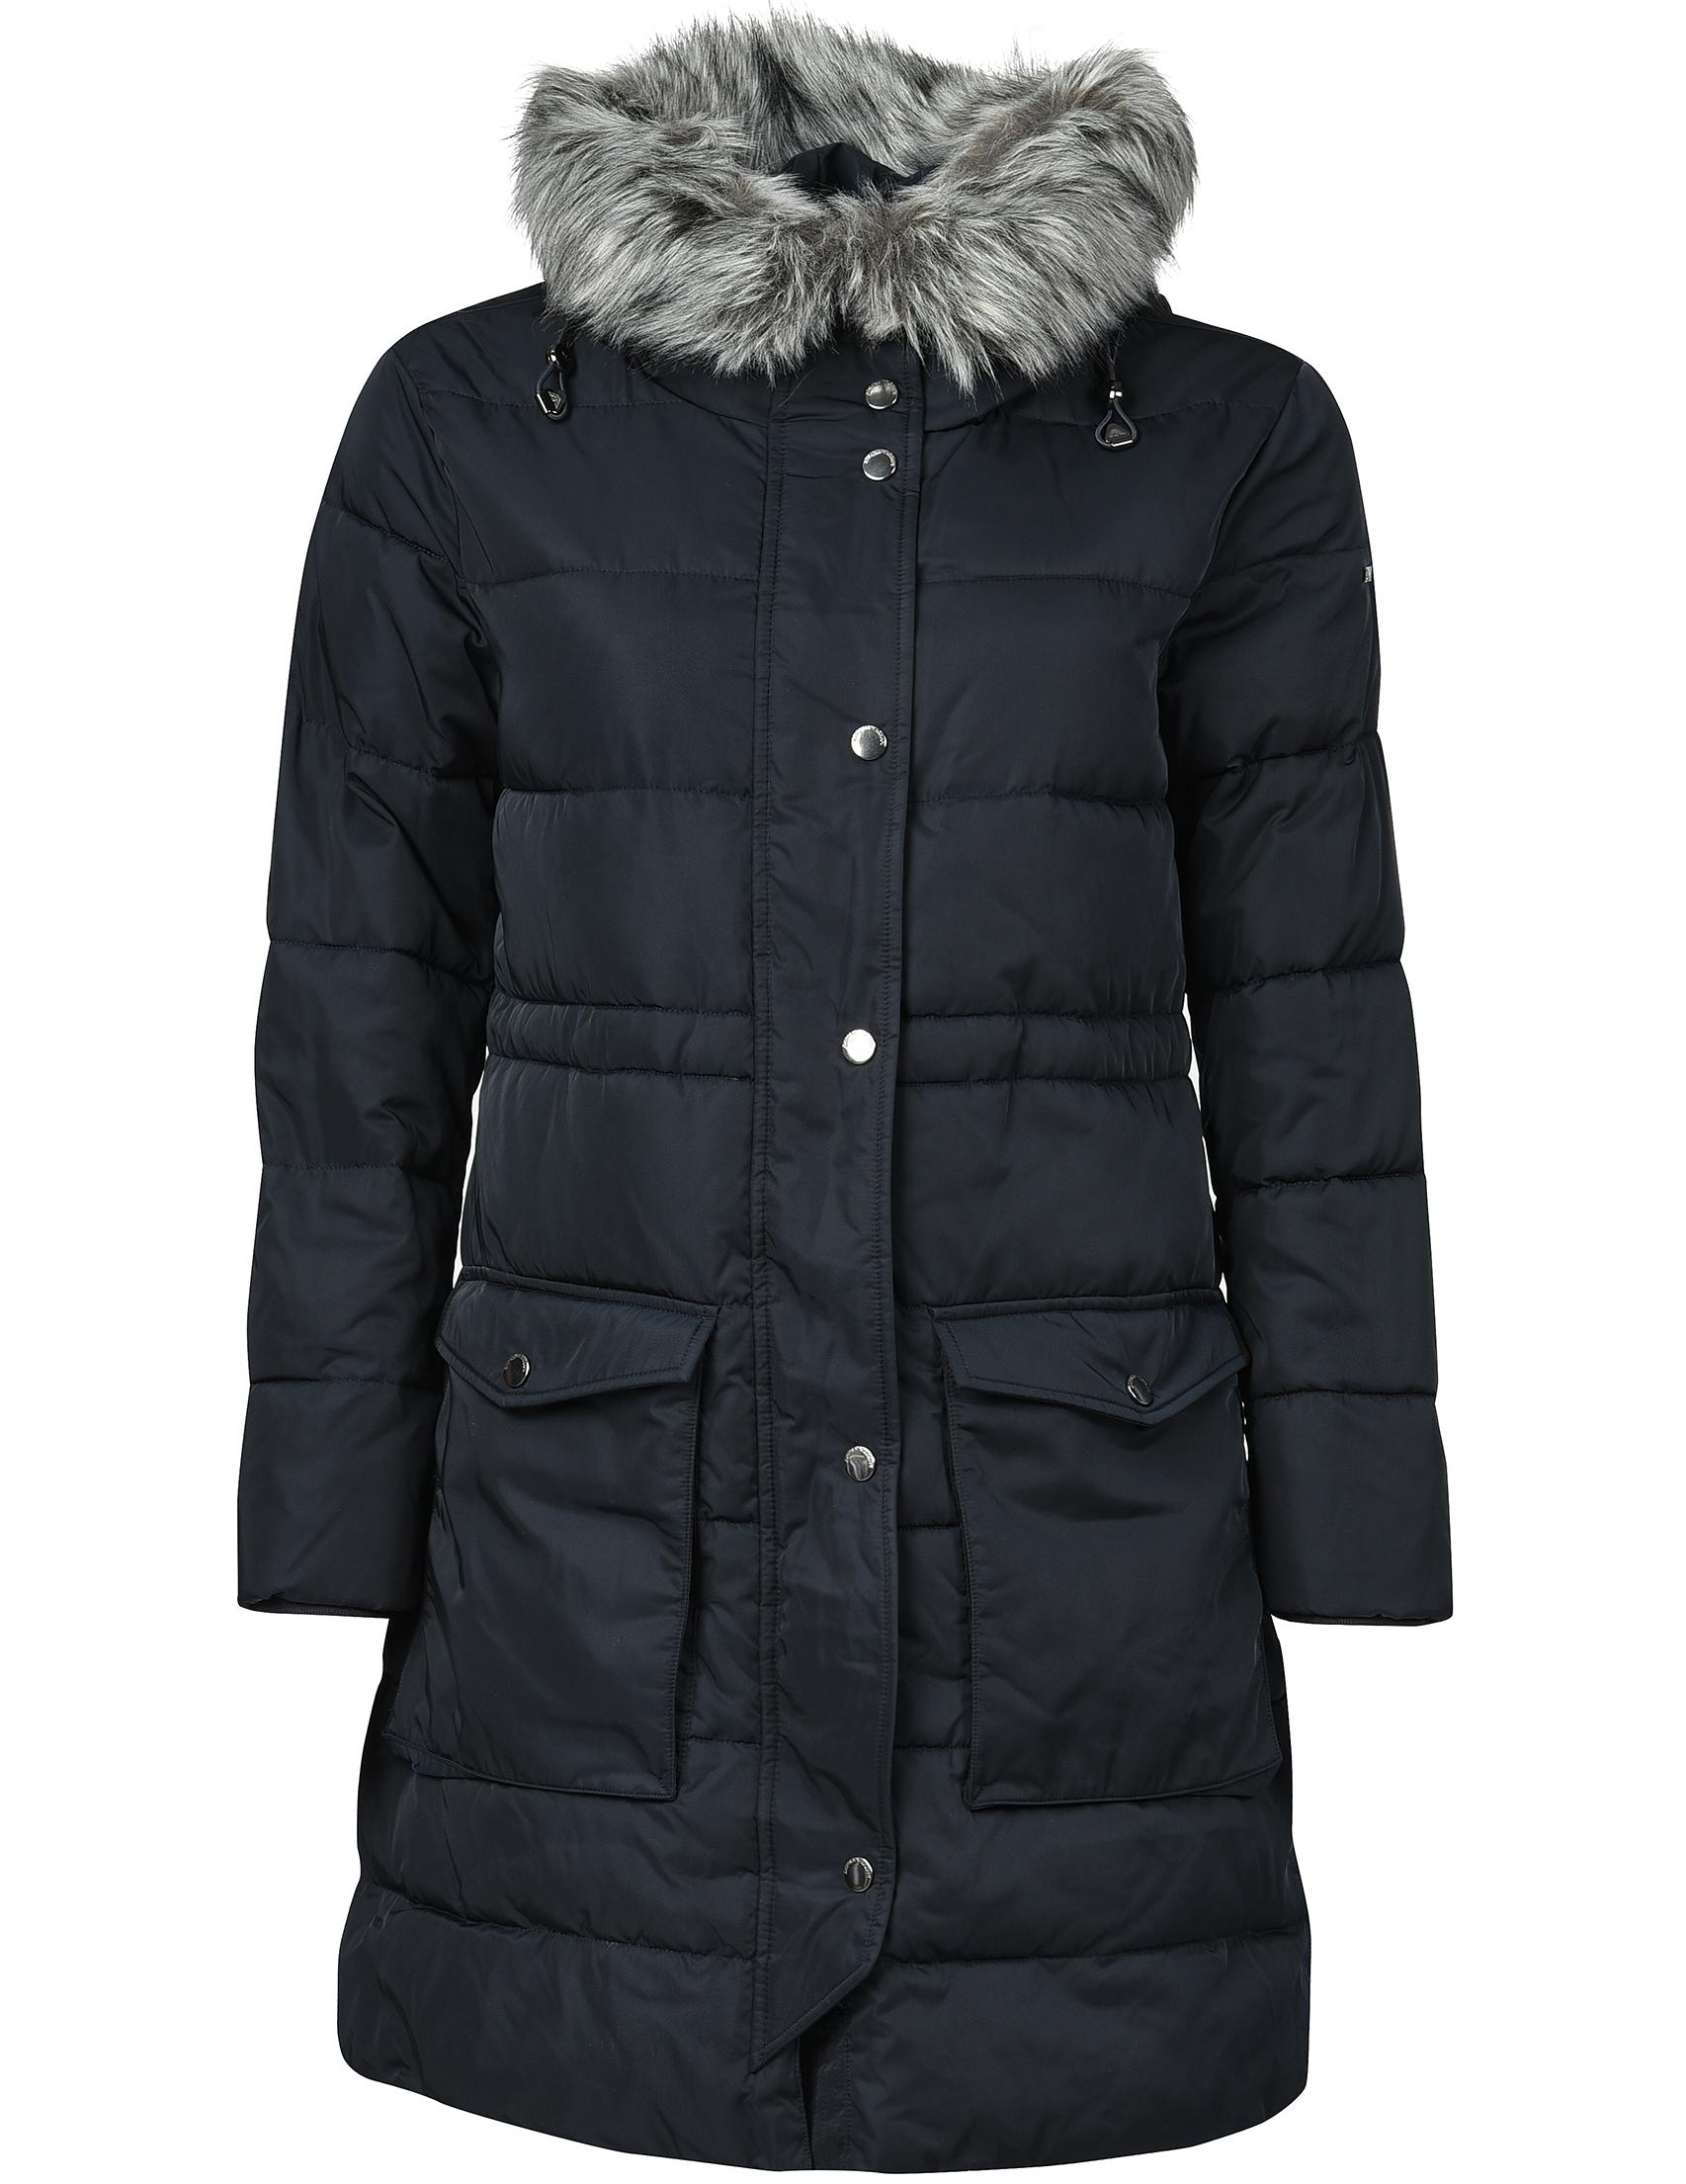 Купить Пальто, EMPORIO ARMANI, Синий, 100%Полиэстер, Осень-Зима